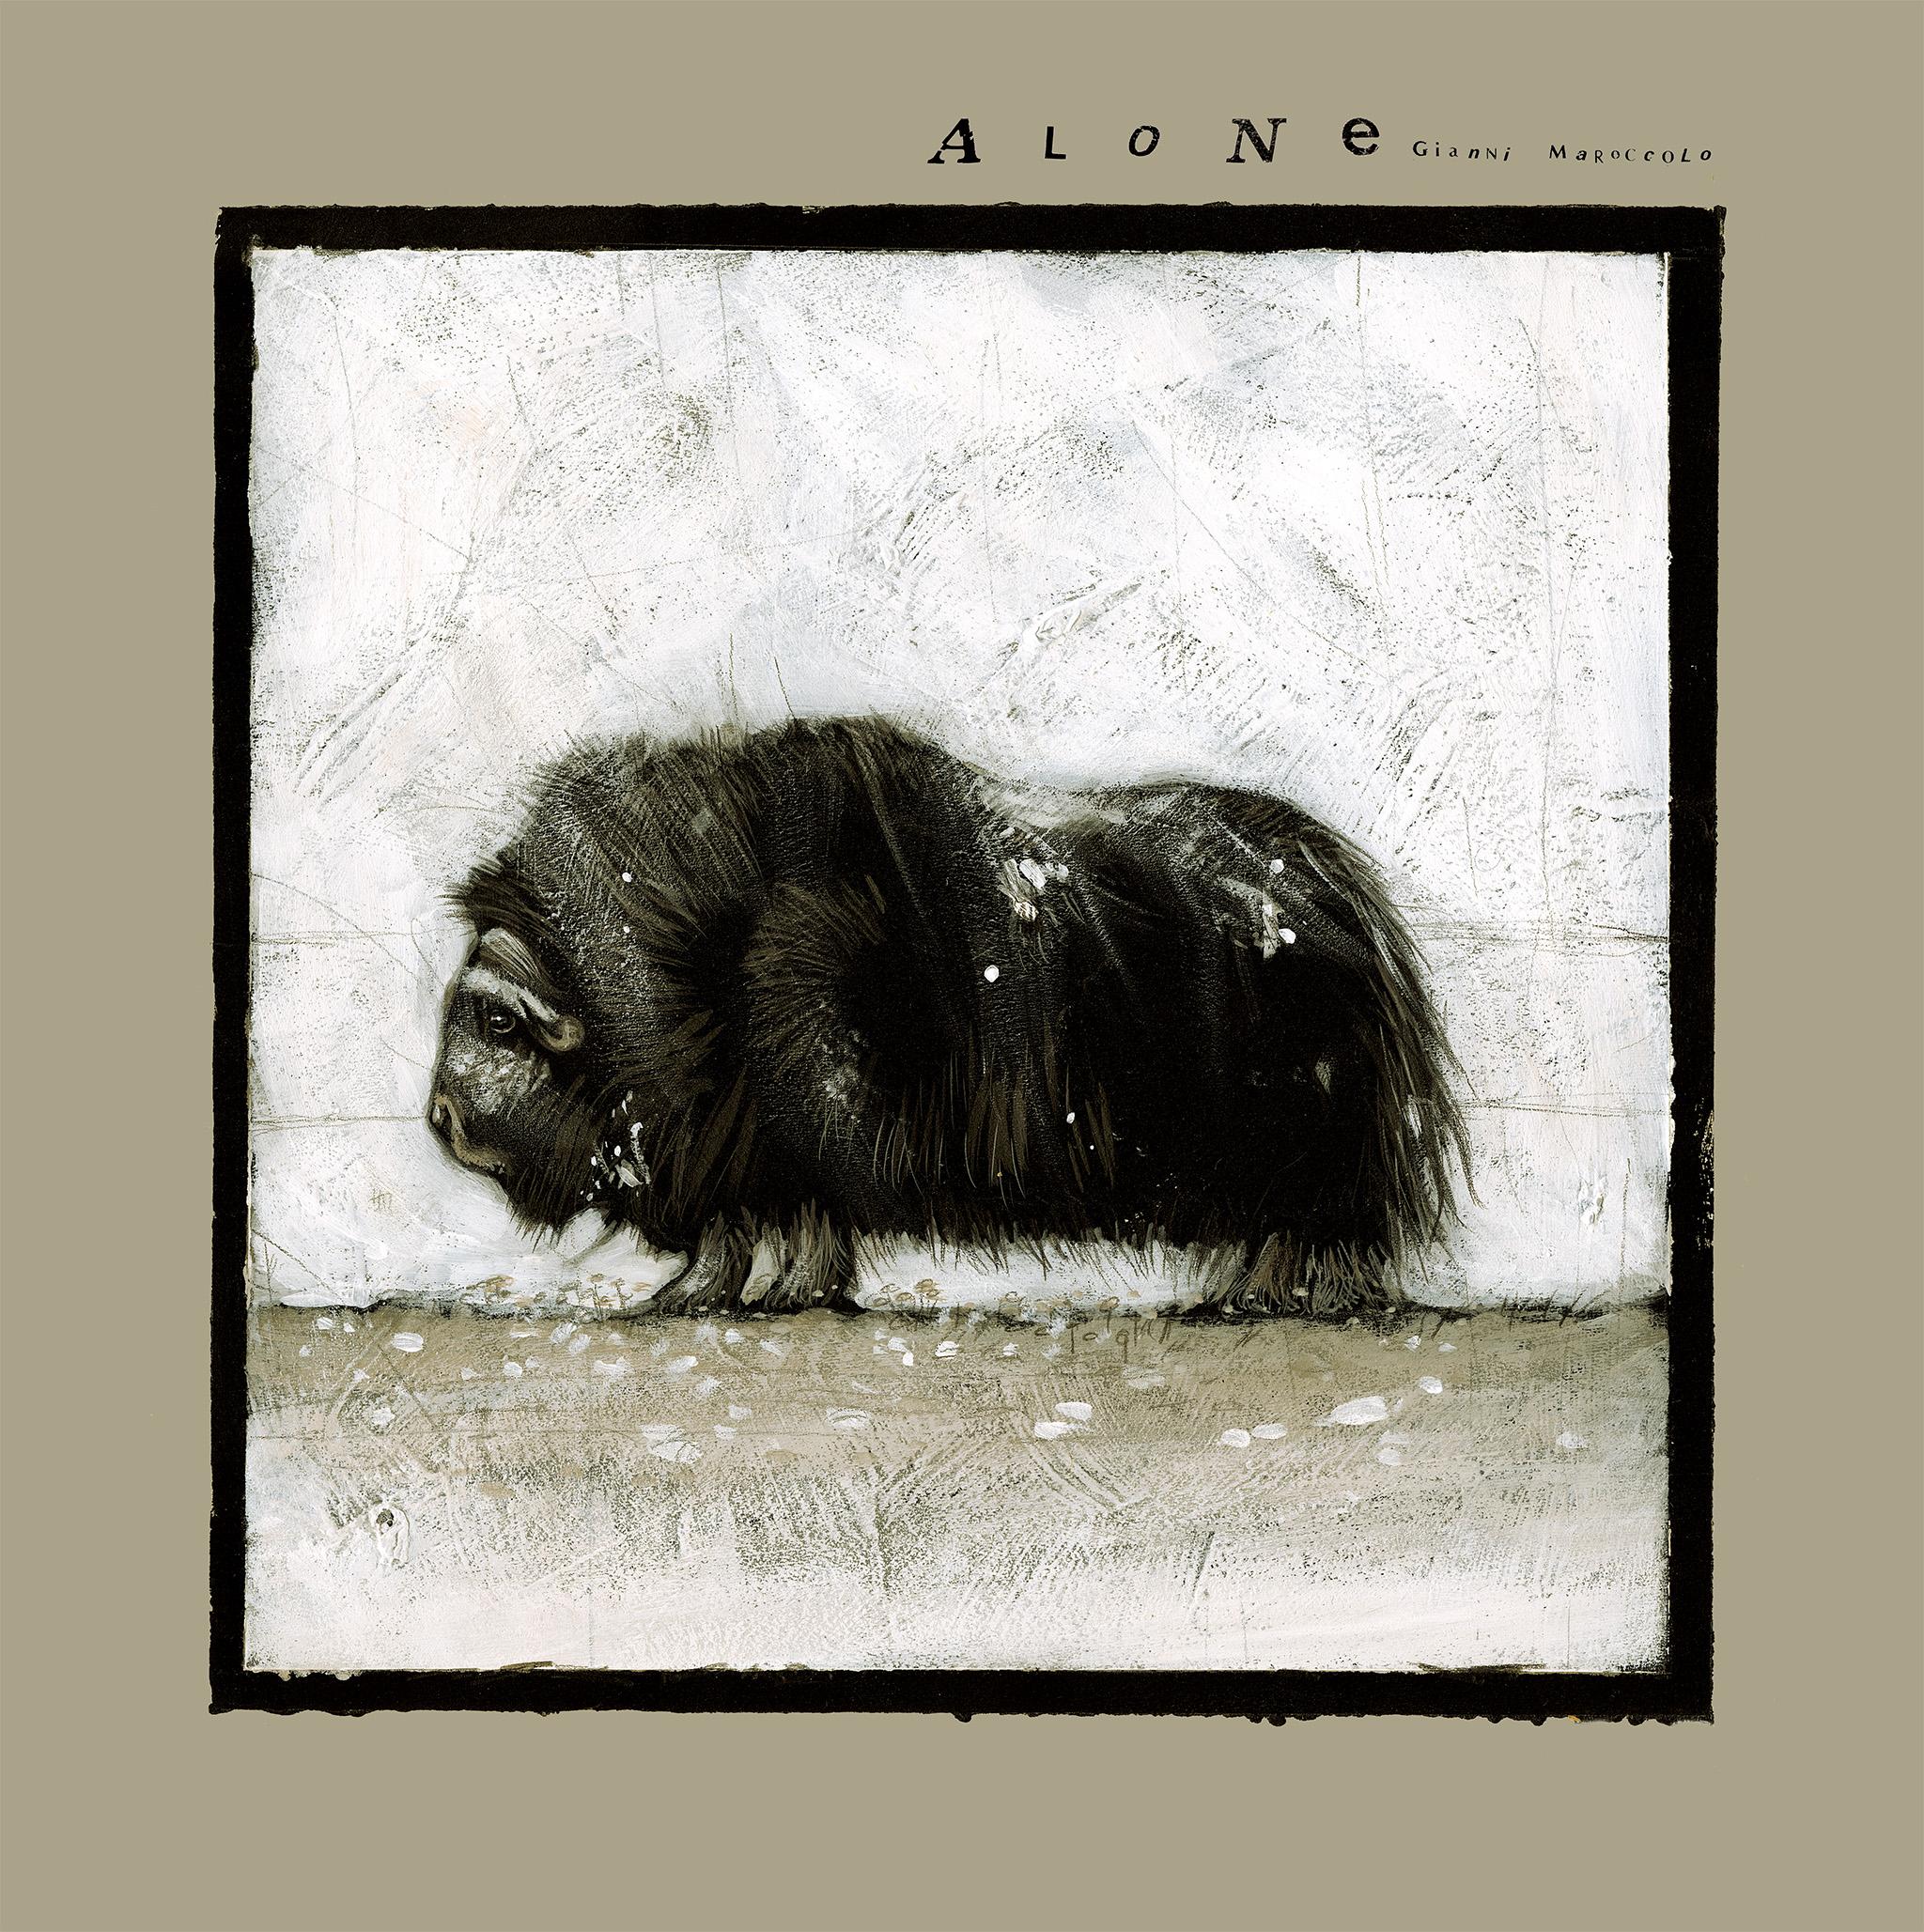 Alone - Gianni Maroccolo